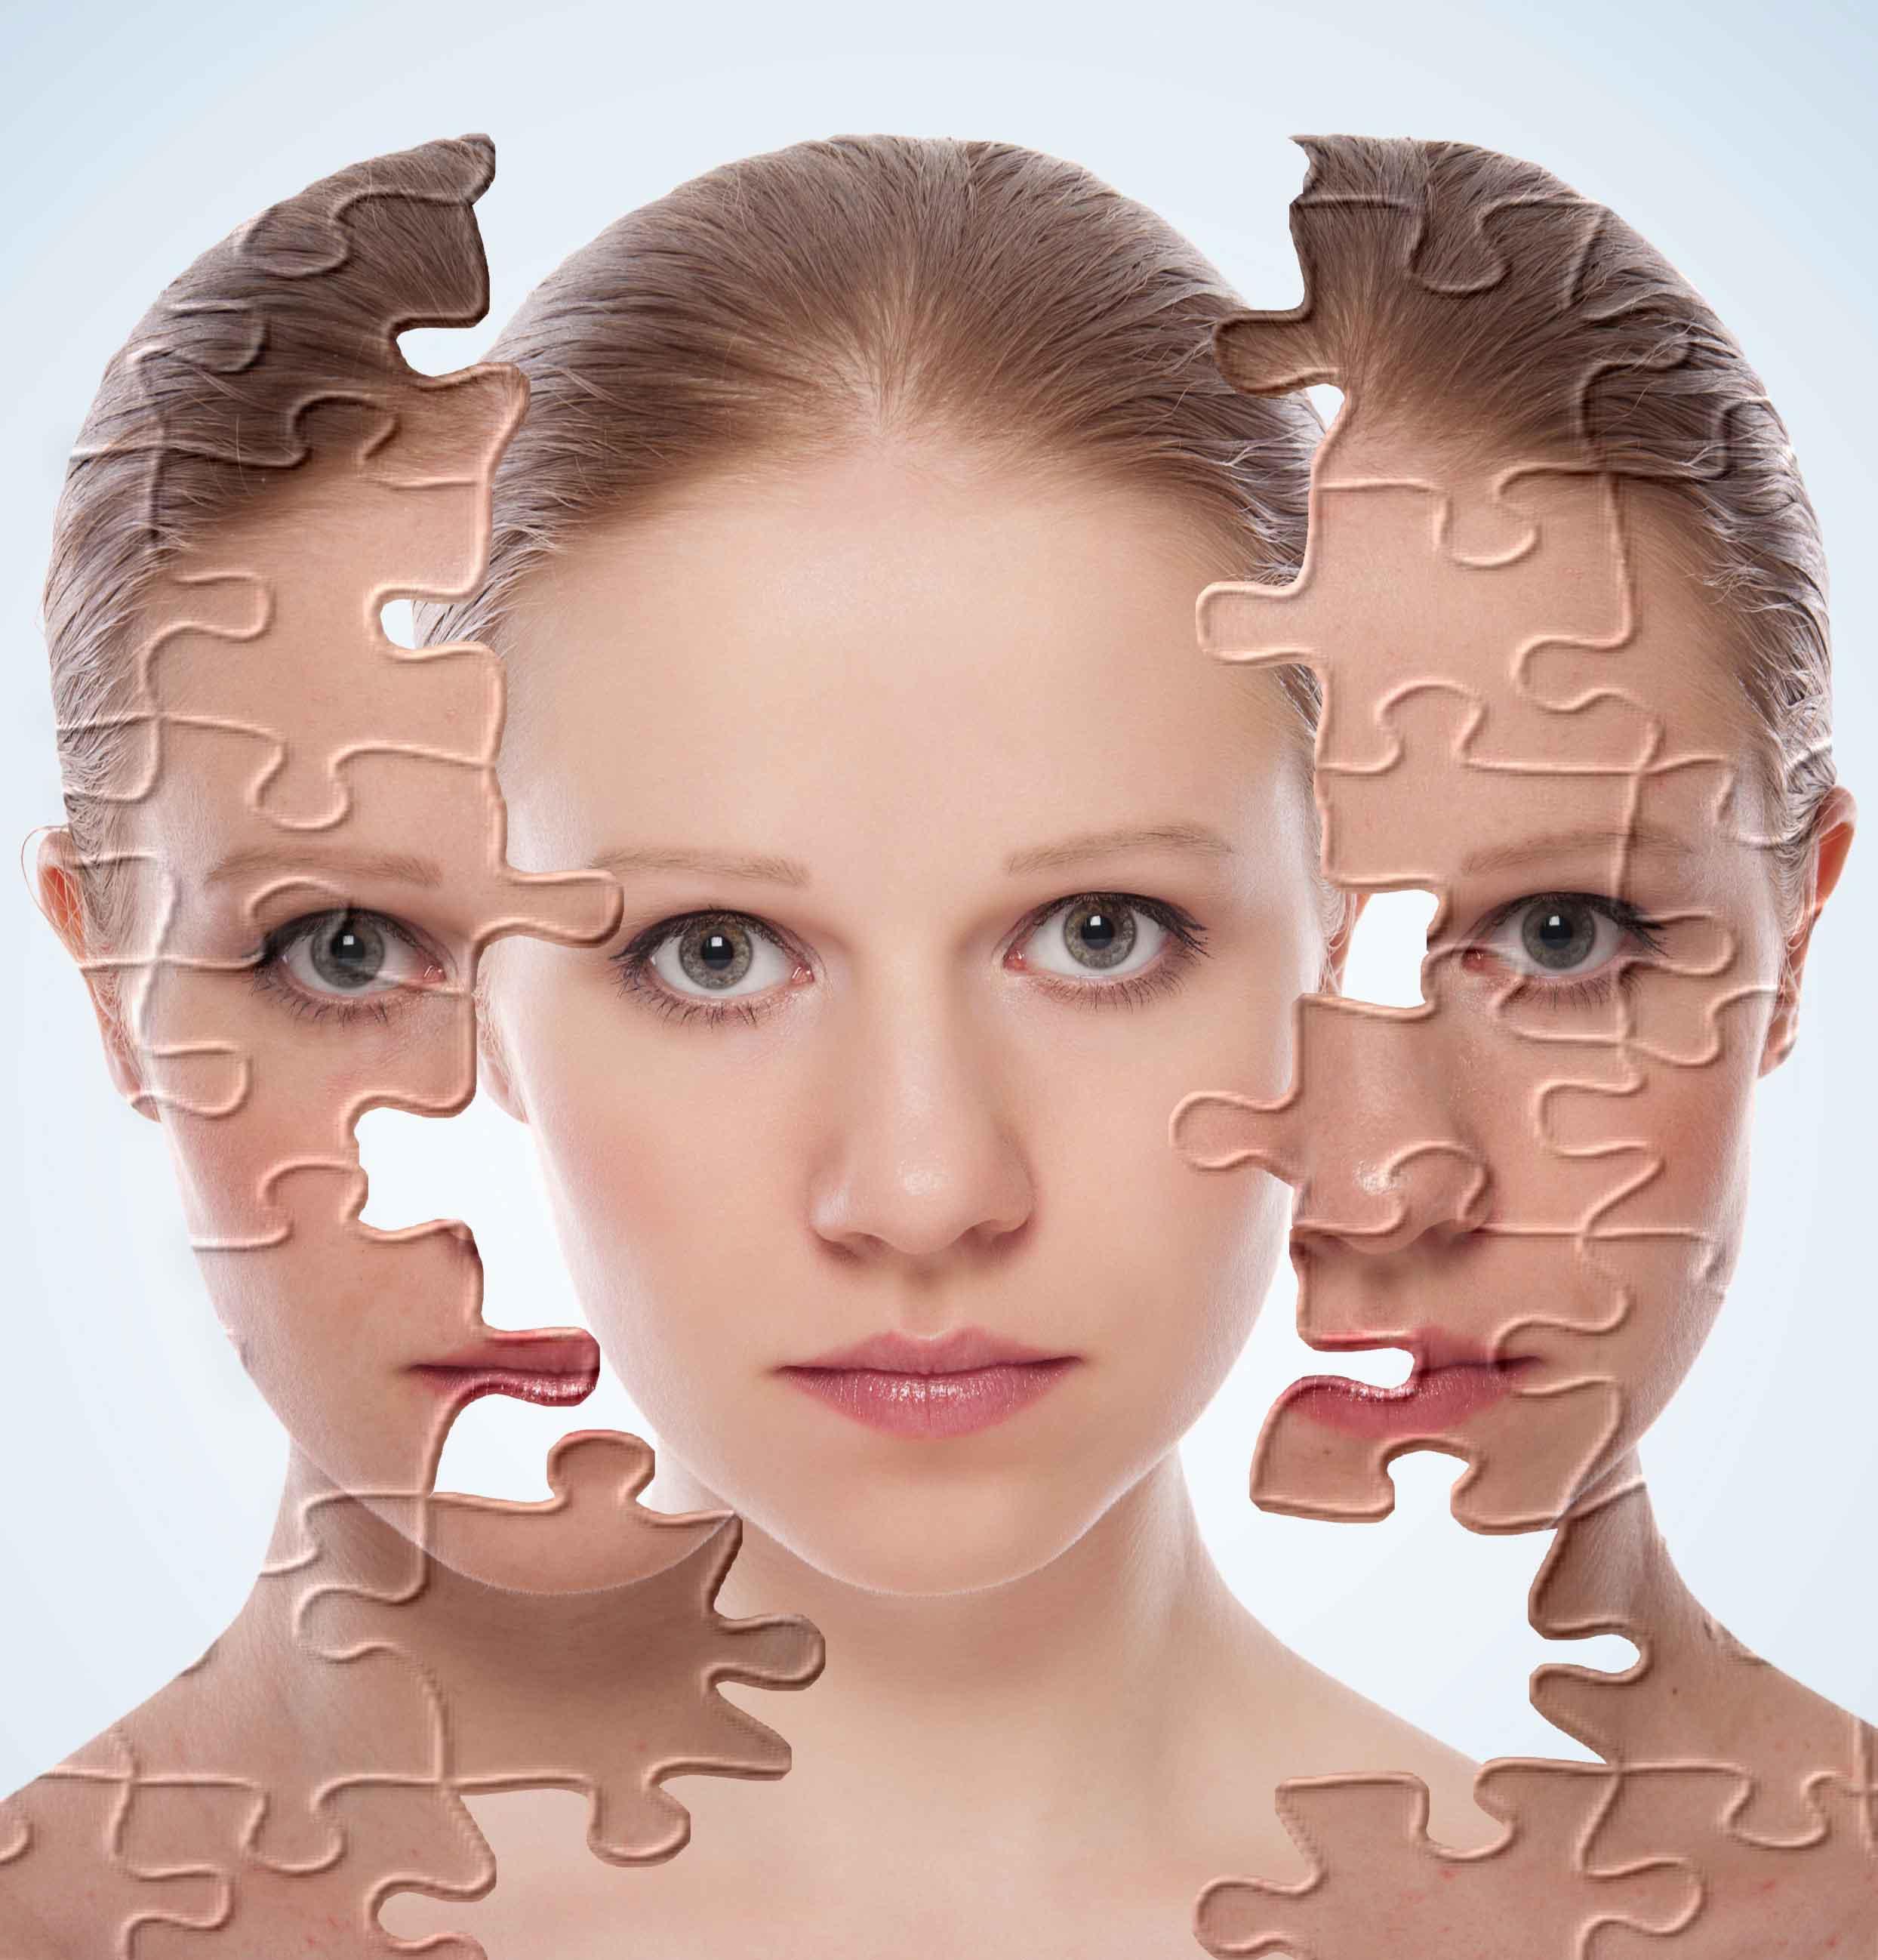 راه های رفع خستگی صورت و جلوگیری از پیری زود رس